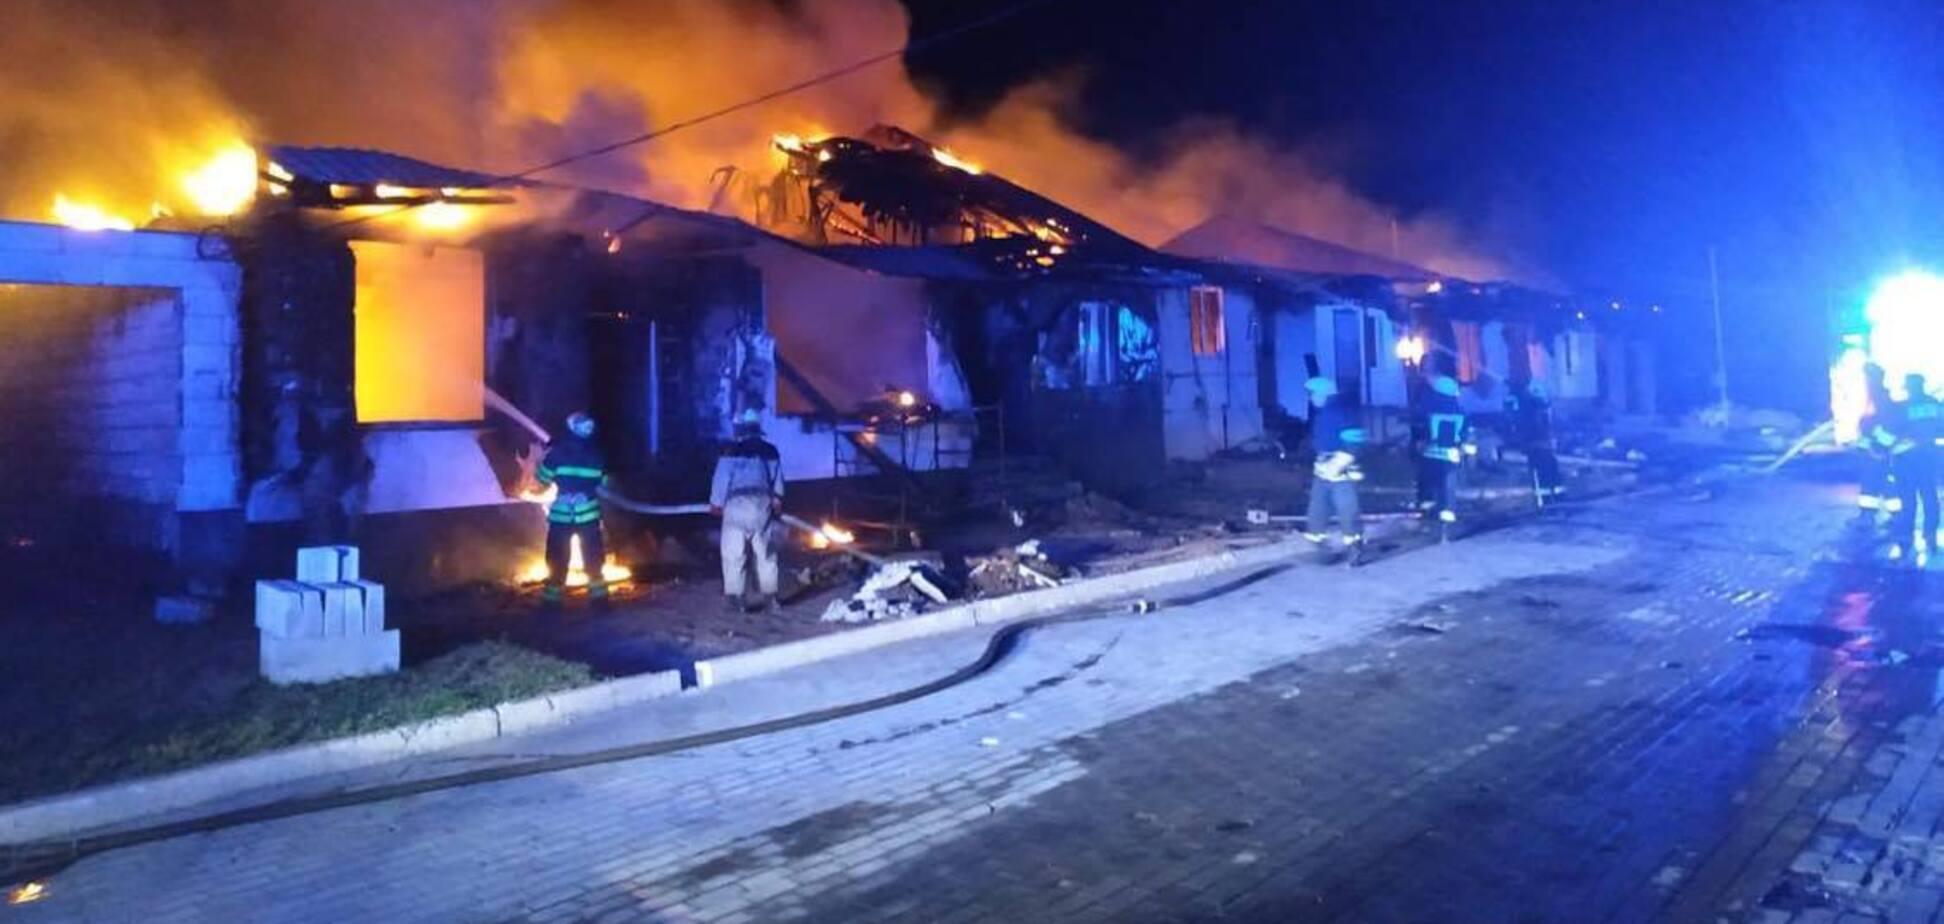 Под Днепром сгорел дом семьи заммэра Каменского. Фото и видео